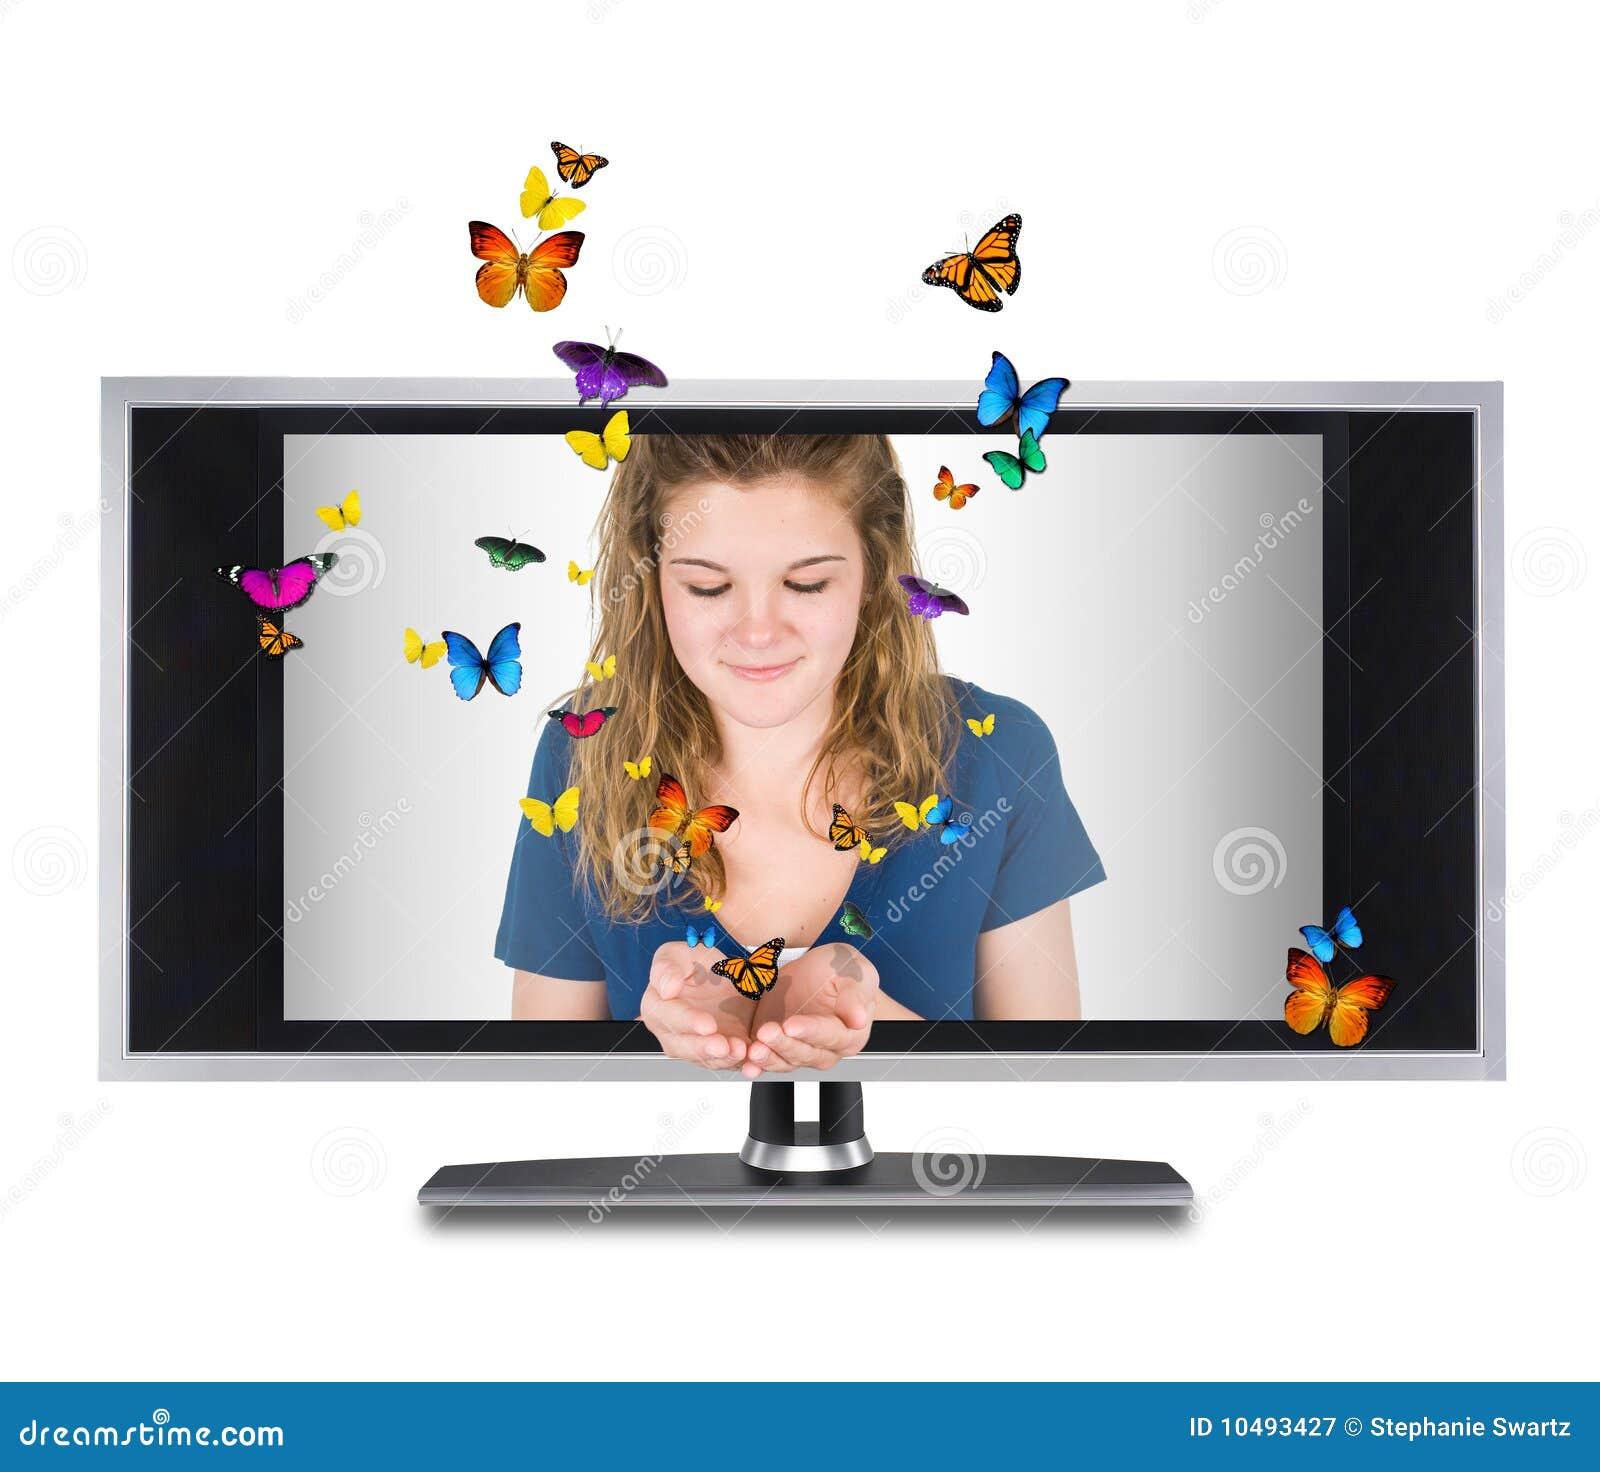 Butterfly tv